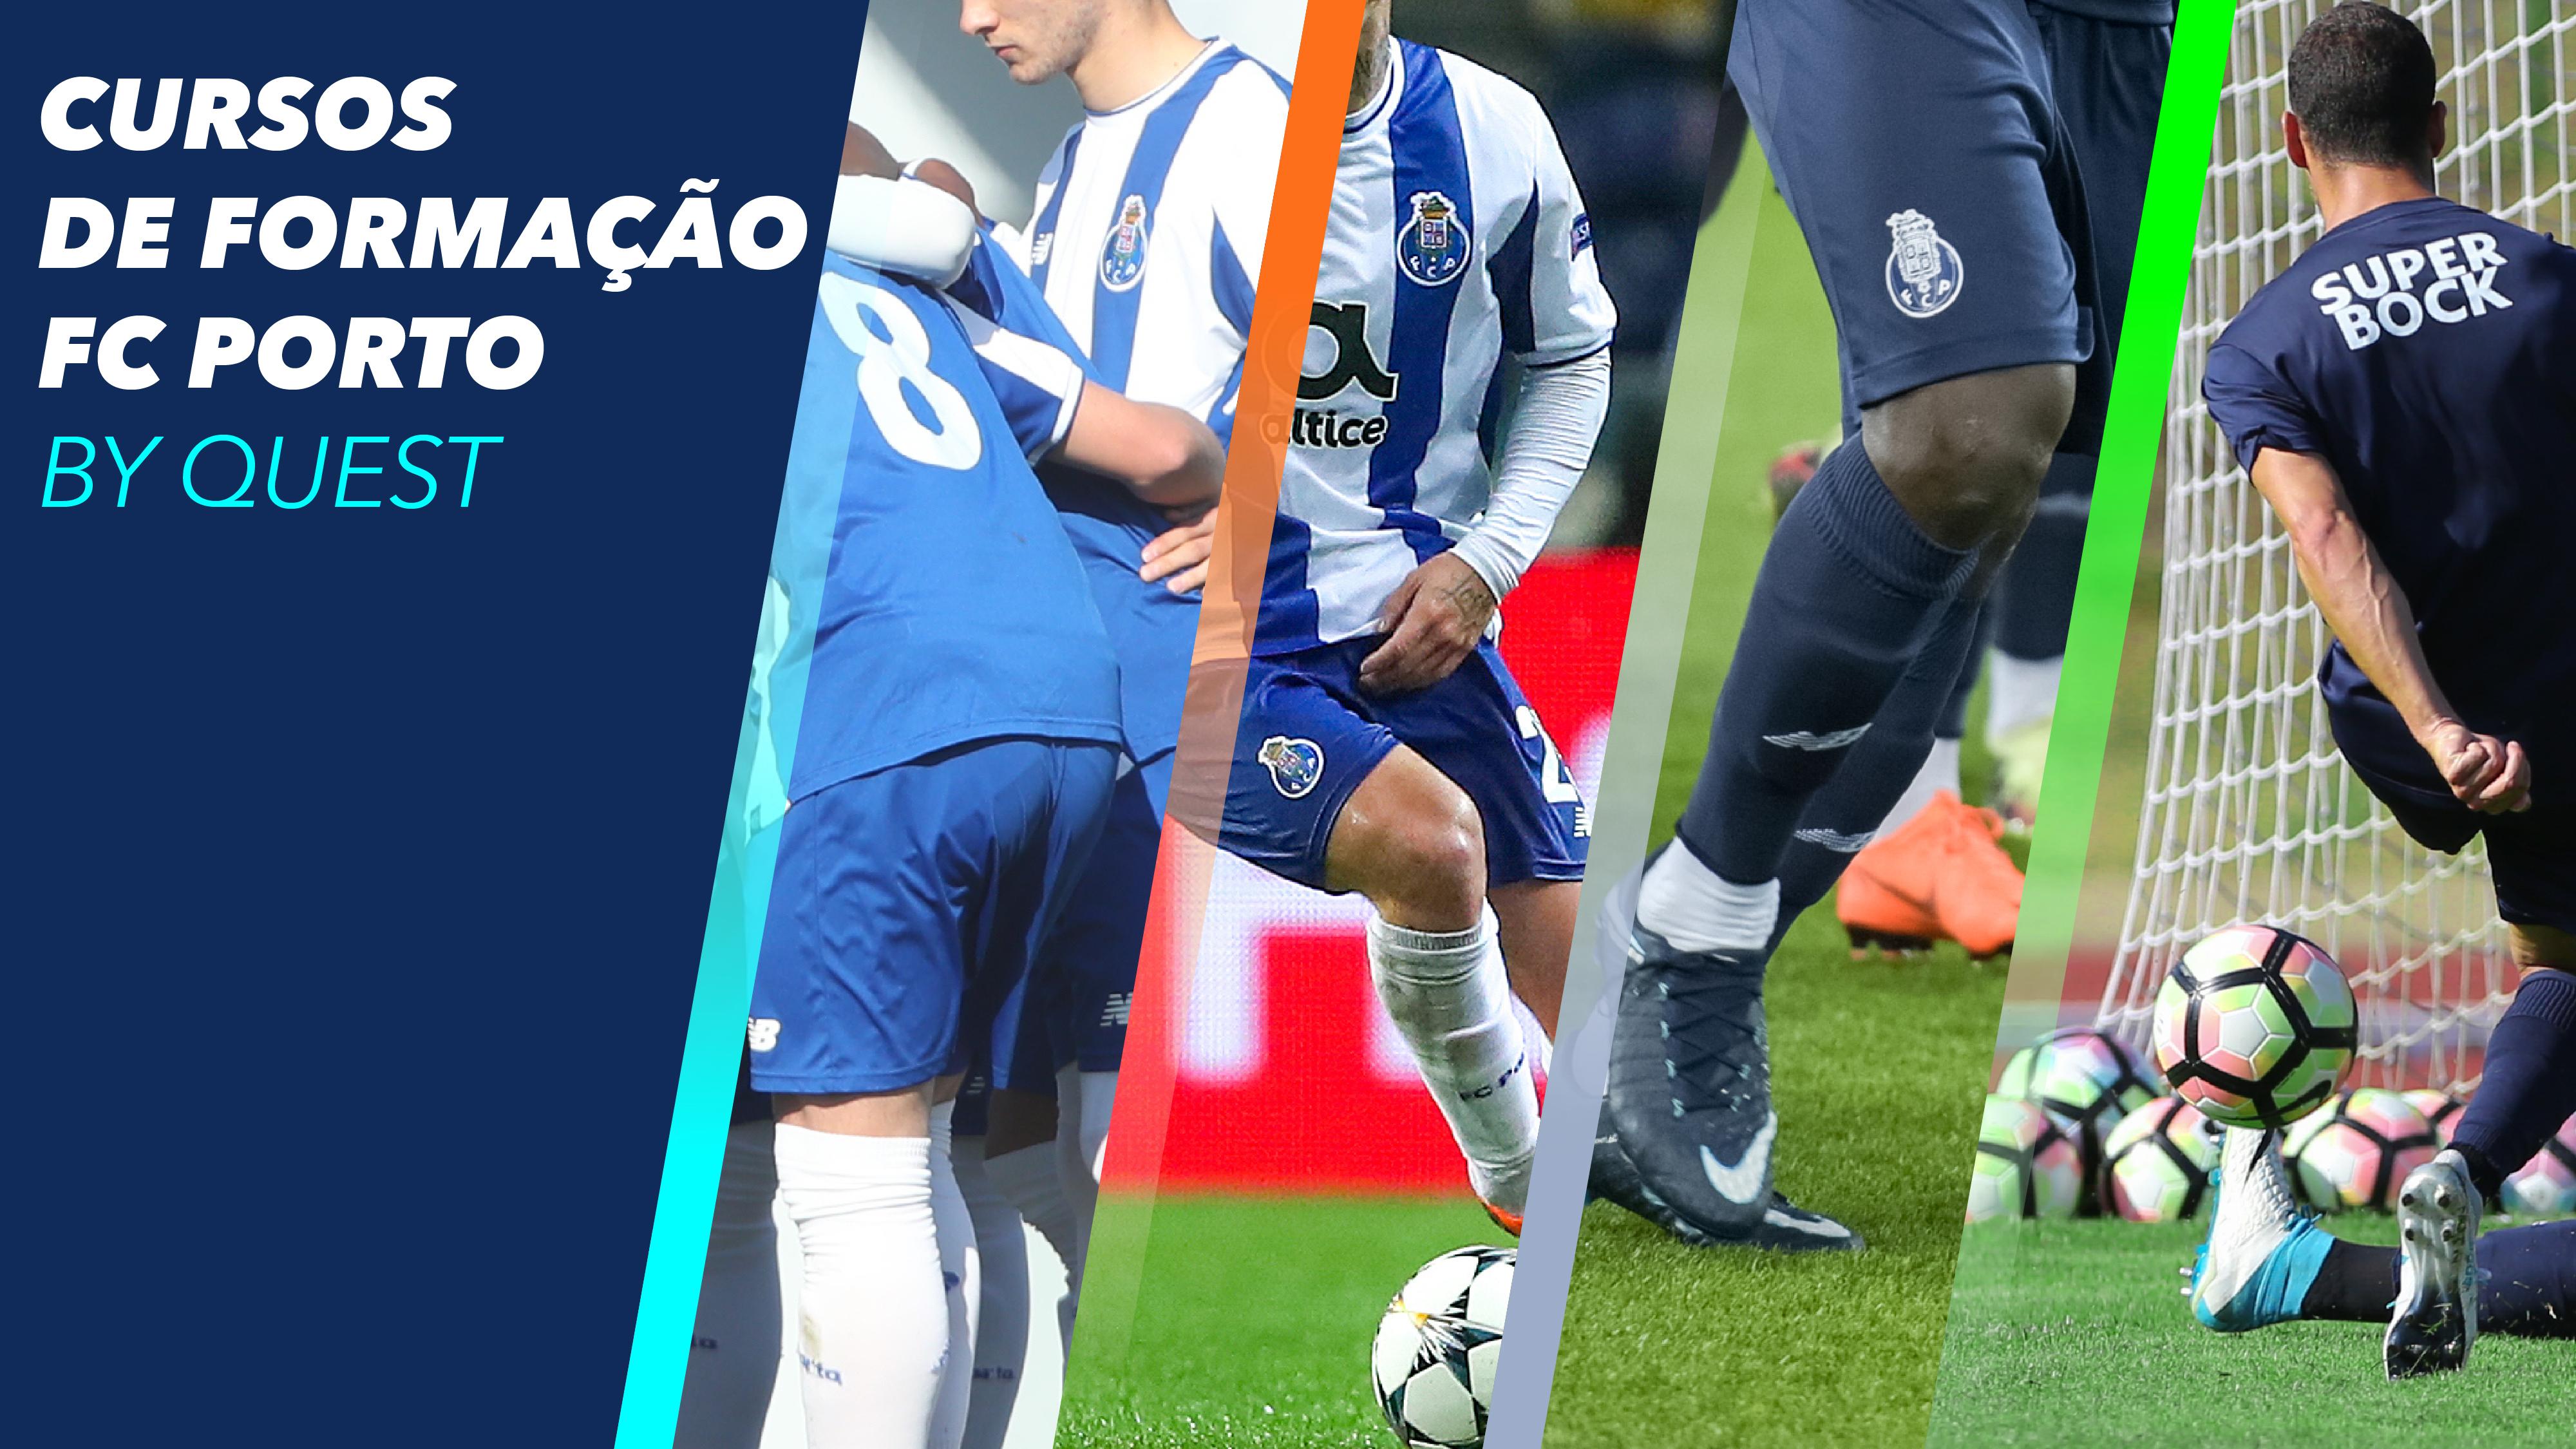 Formações FC Porto by QUEST